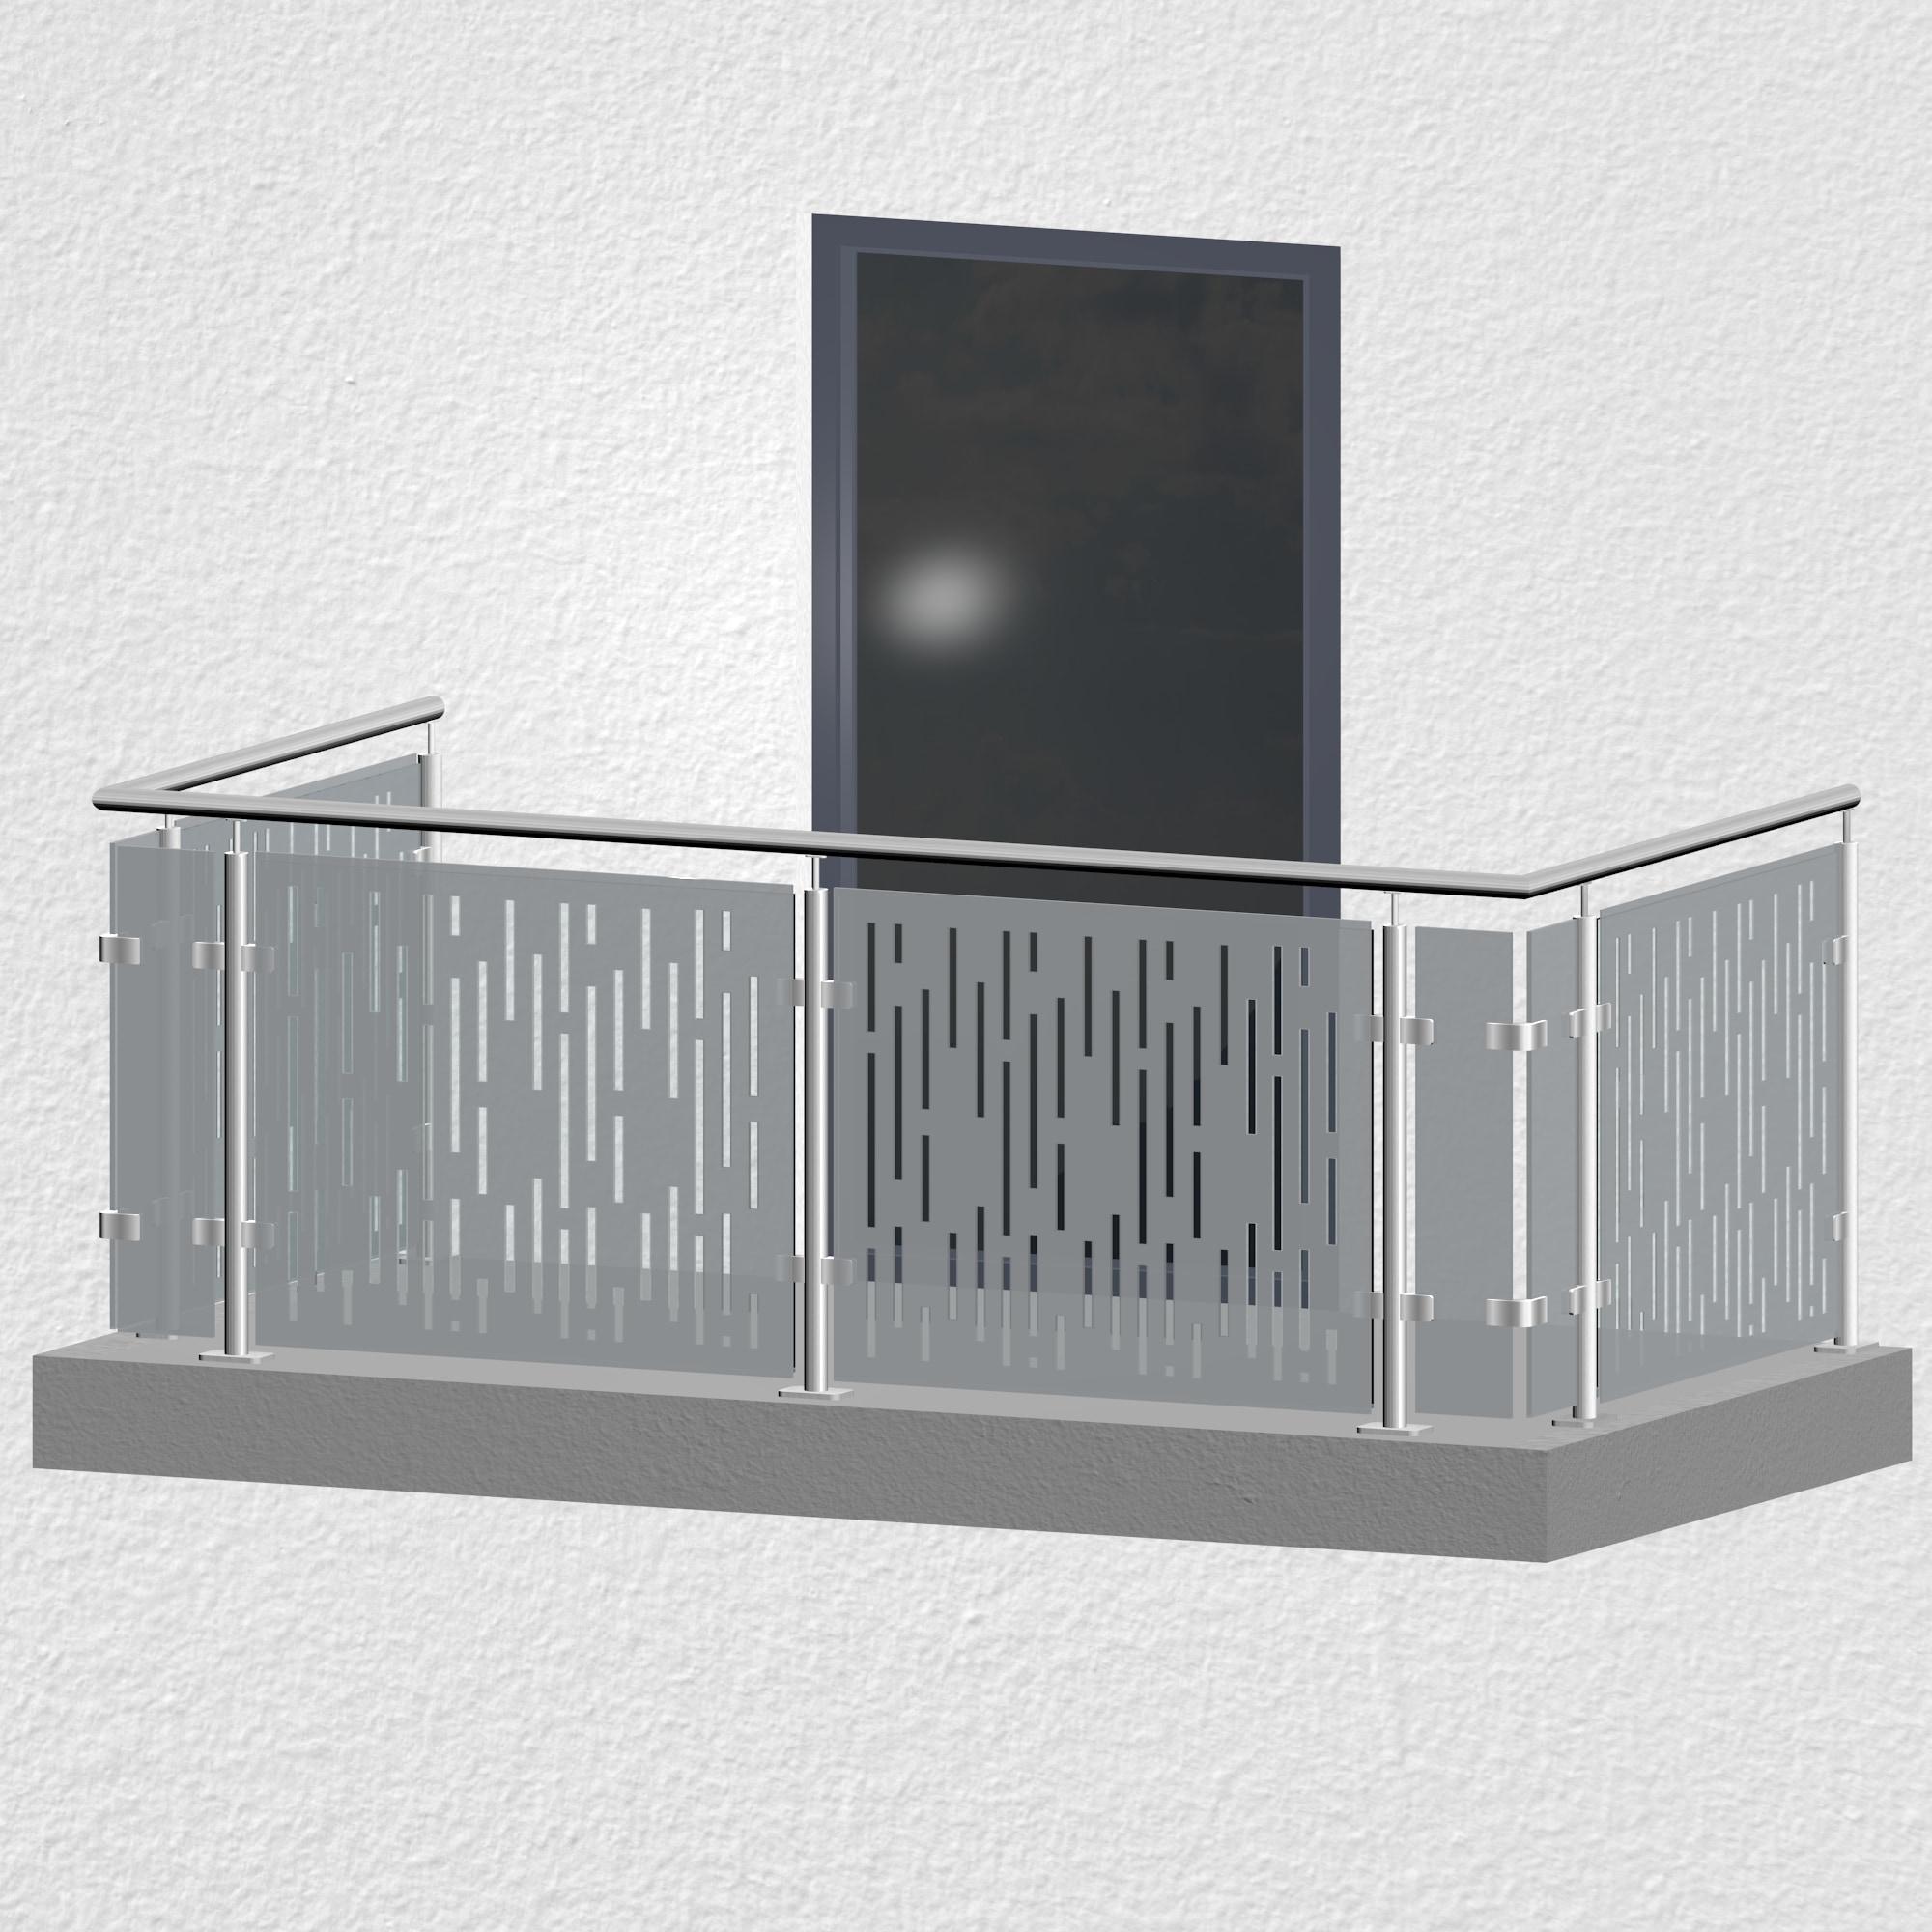 Balkongeländer Edelstahl Designglas SF VE MO